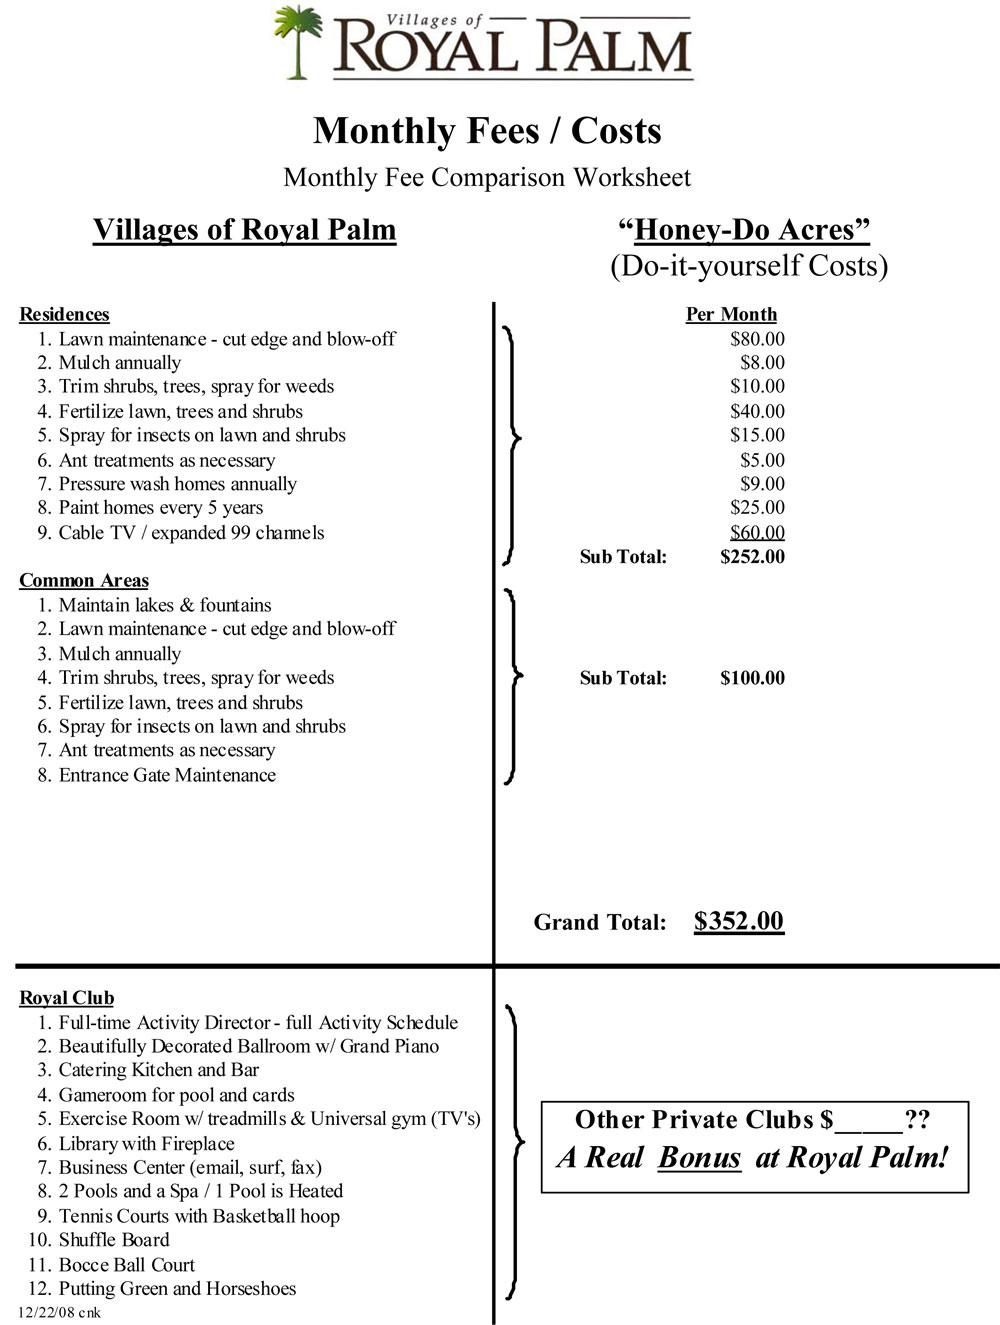 fees at villages of royal palm port orange